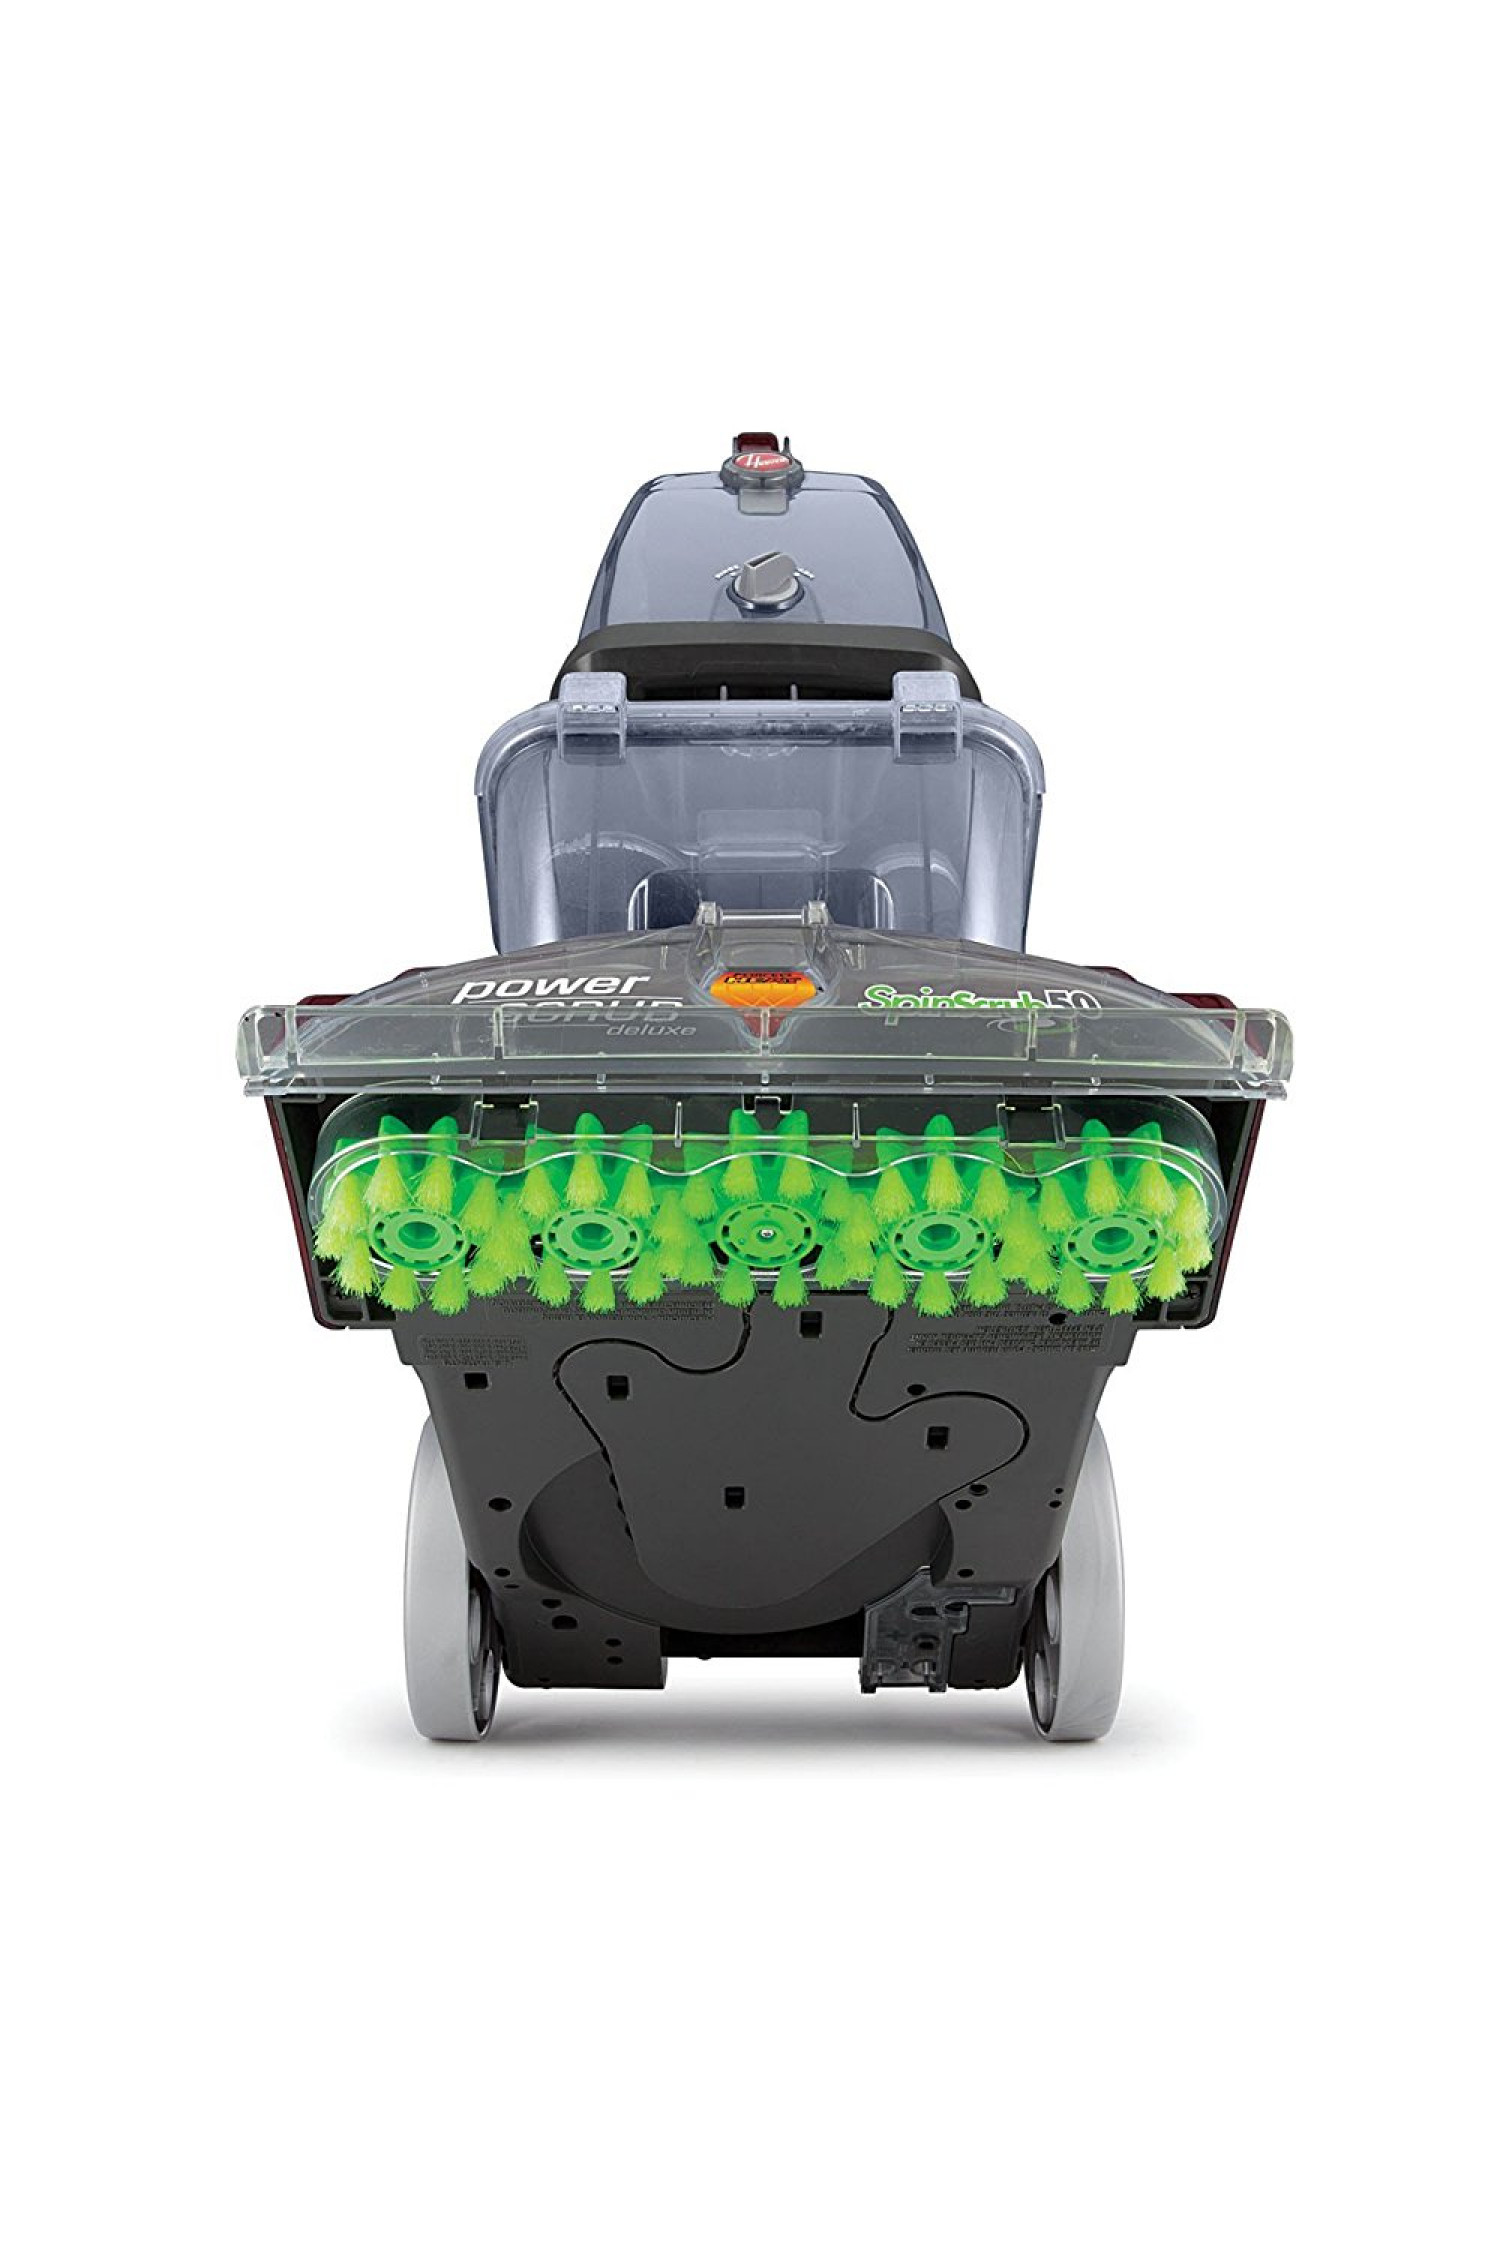 Carpet Cleaner Hoover Deluxe Washer Power Scrub Shampooer ...